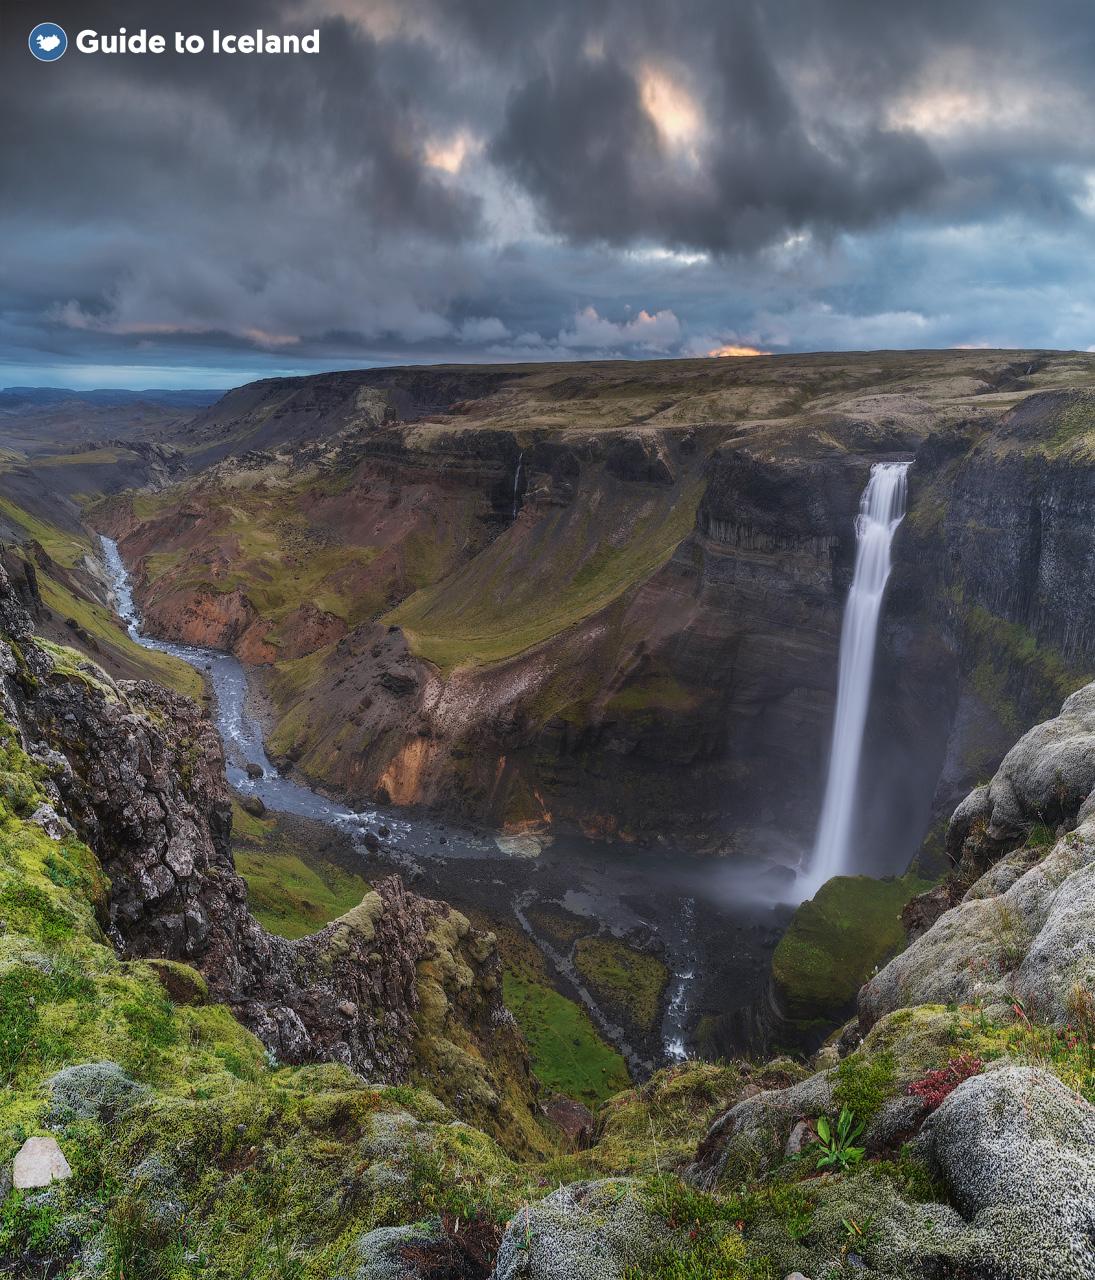 冰岛东部的亨吉瀑布Hengifoss是冰岛第三大瀑布